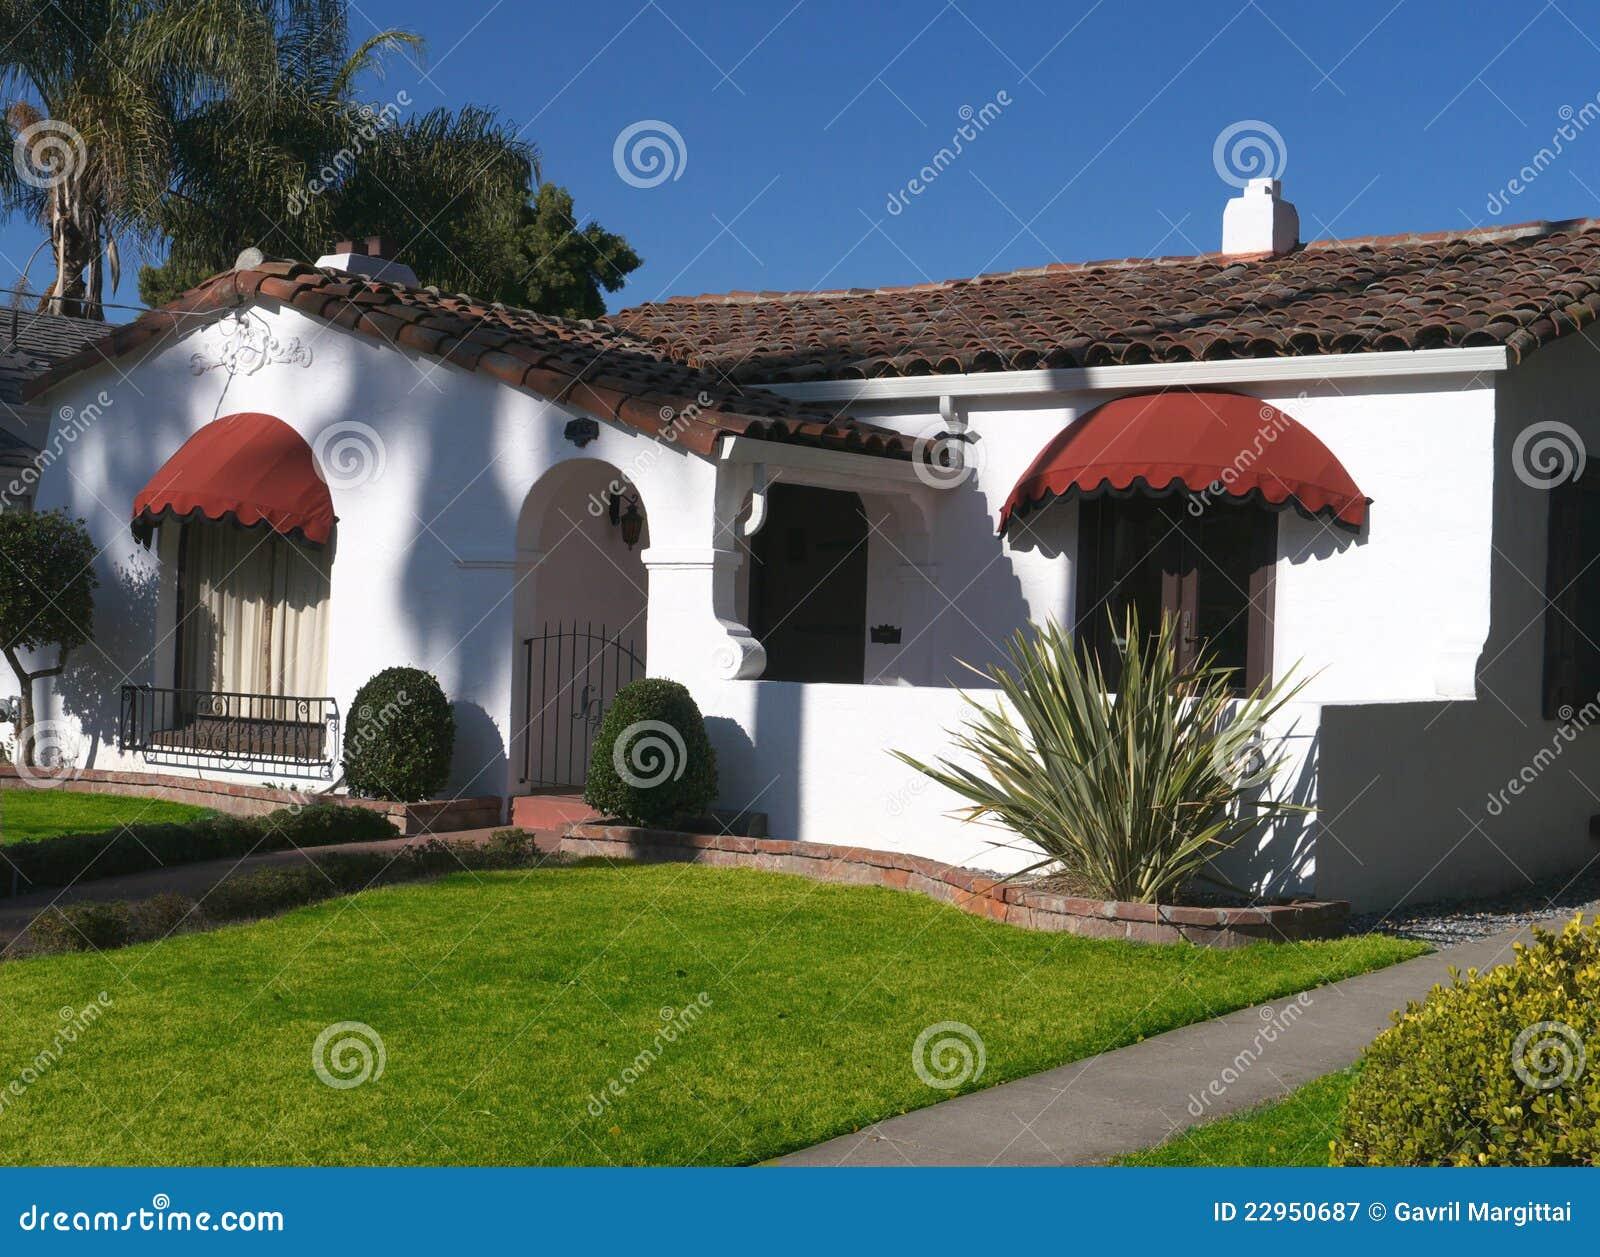 Casa tradicional de la azotea del adobe fotograf a de for La casa de la azotea